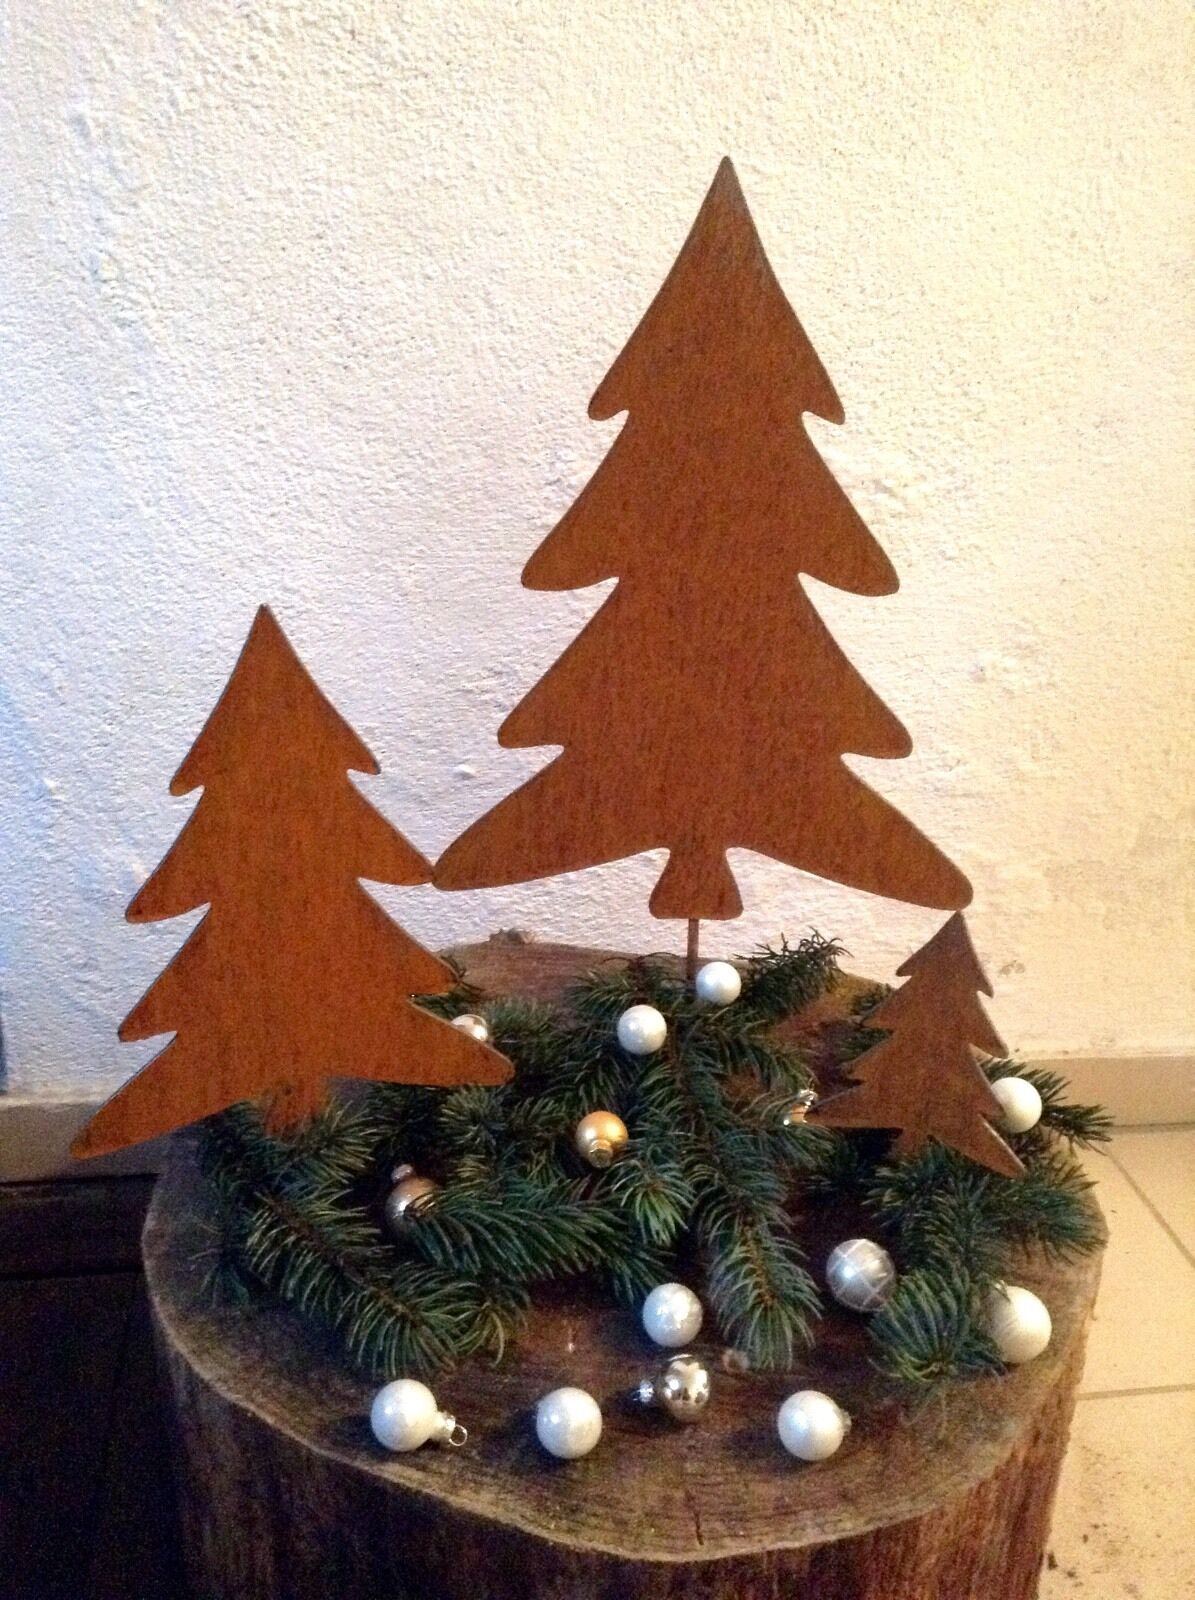 Edel óxido tannenbaum árbol de navidad Navidad set árbol figura gartendeko óxido de metal